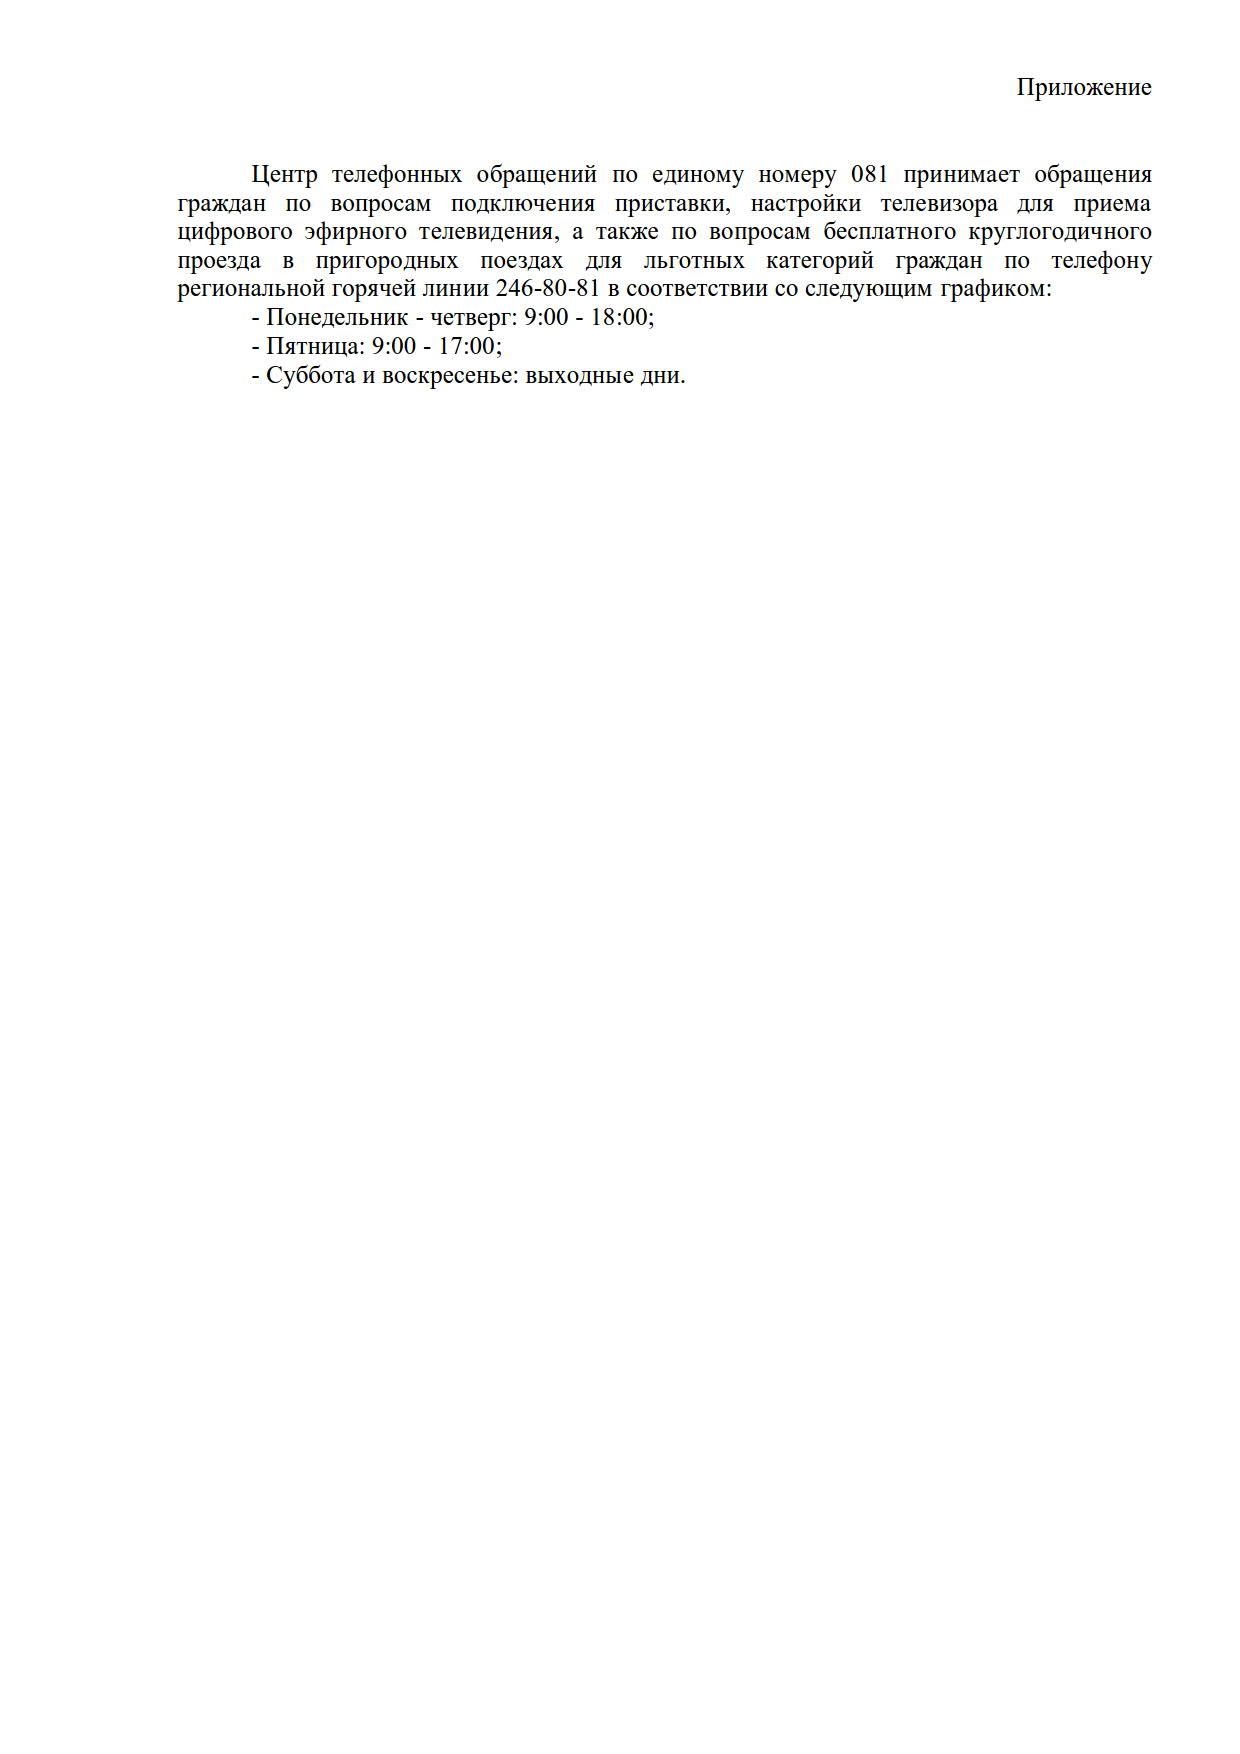 КИС комитетам и администрациям_1